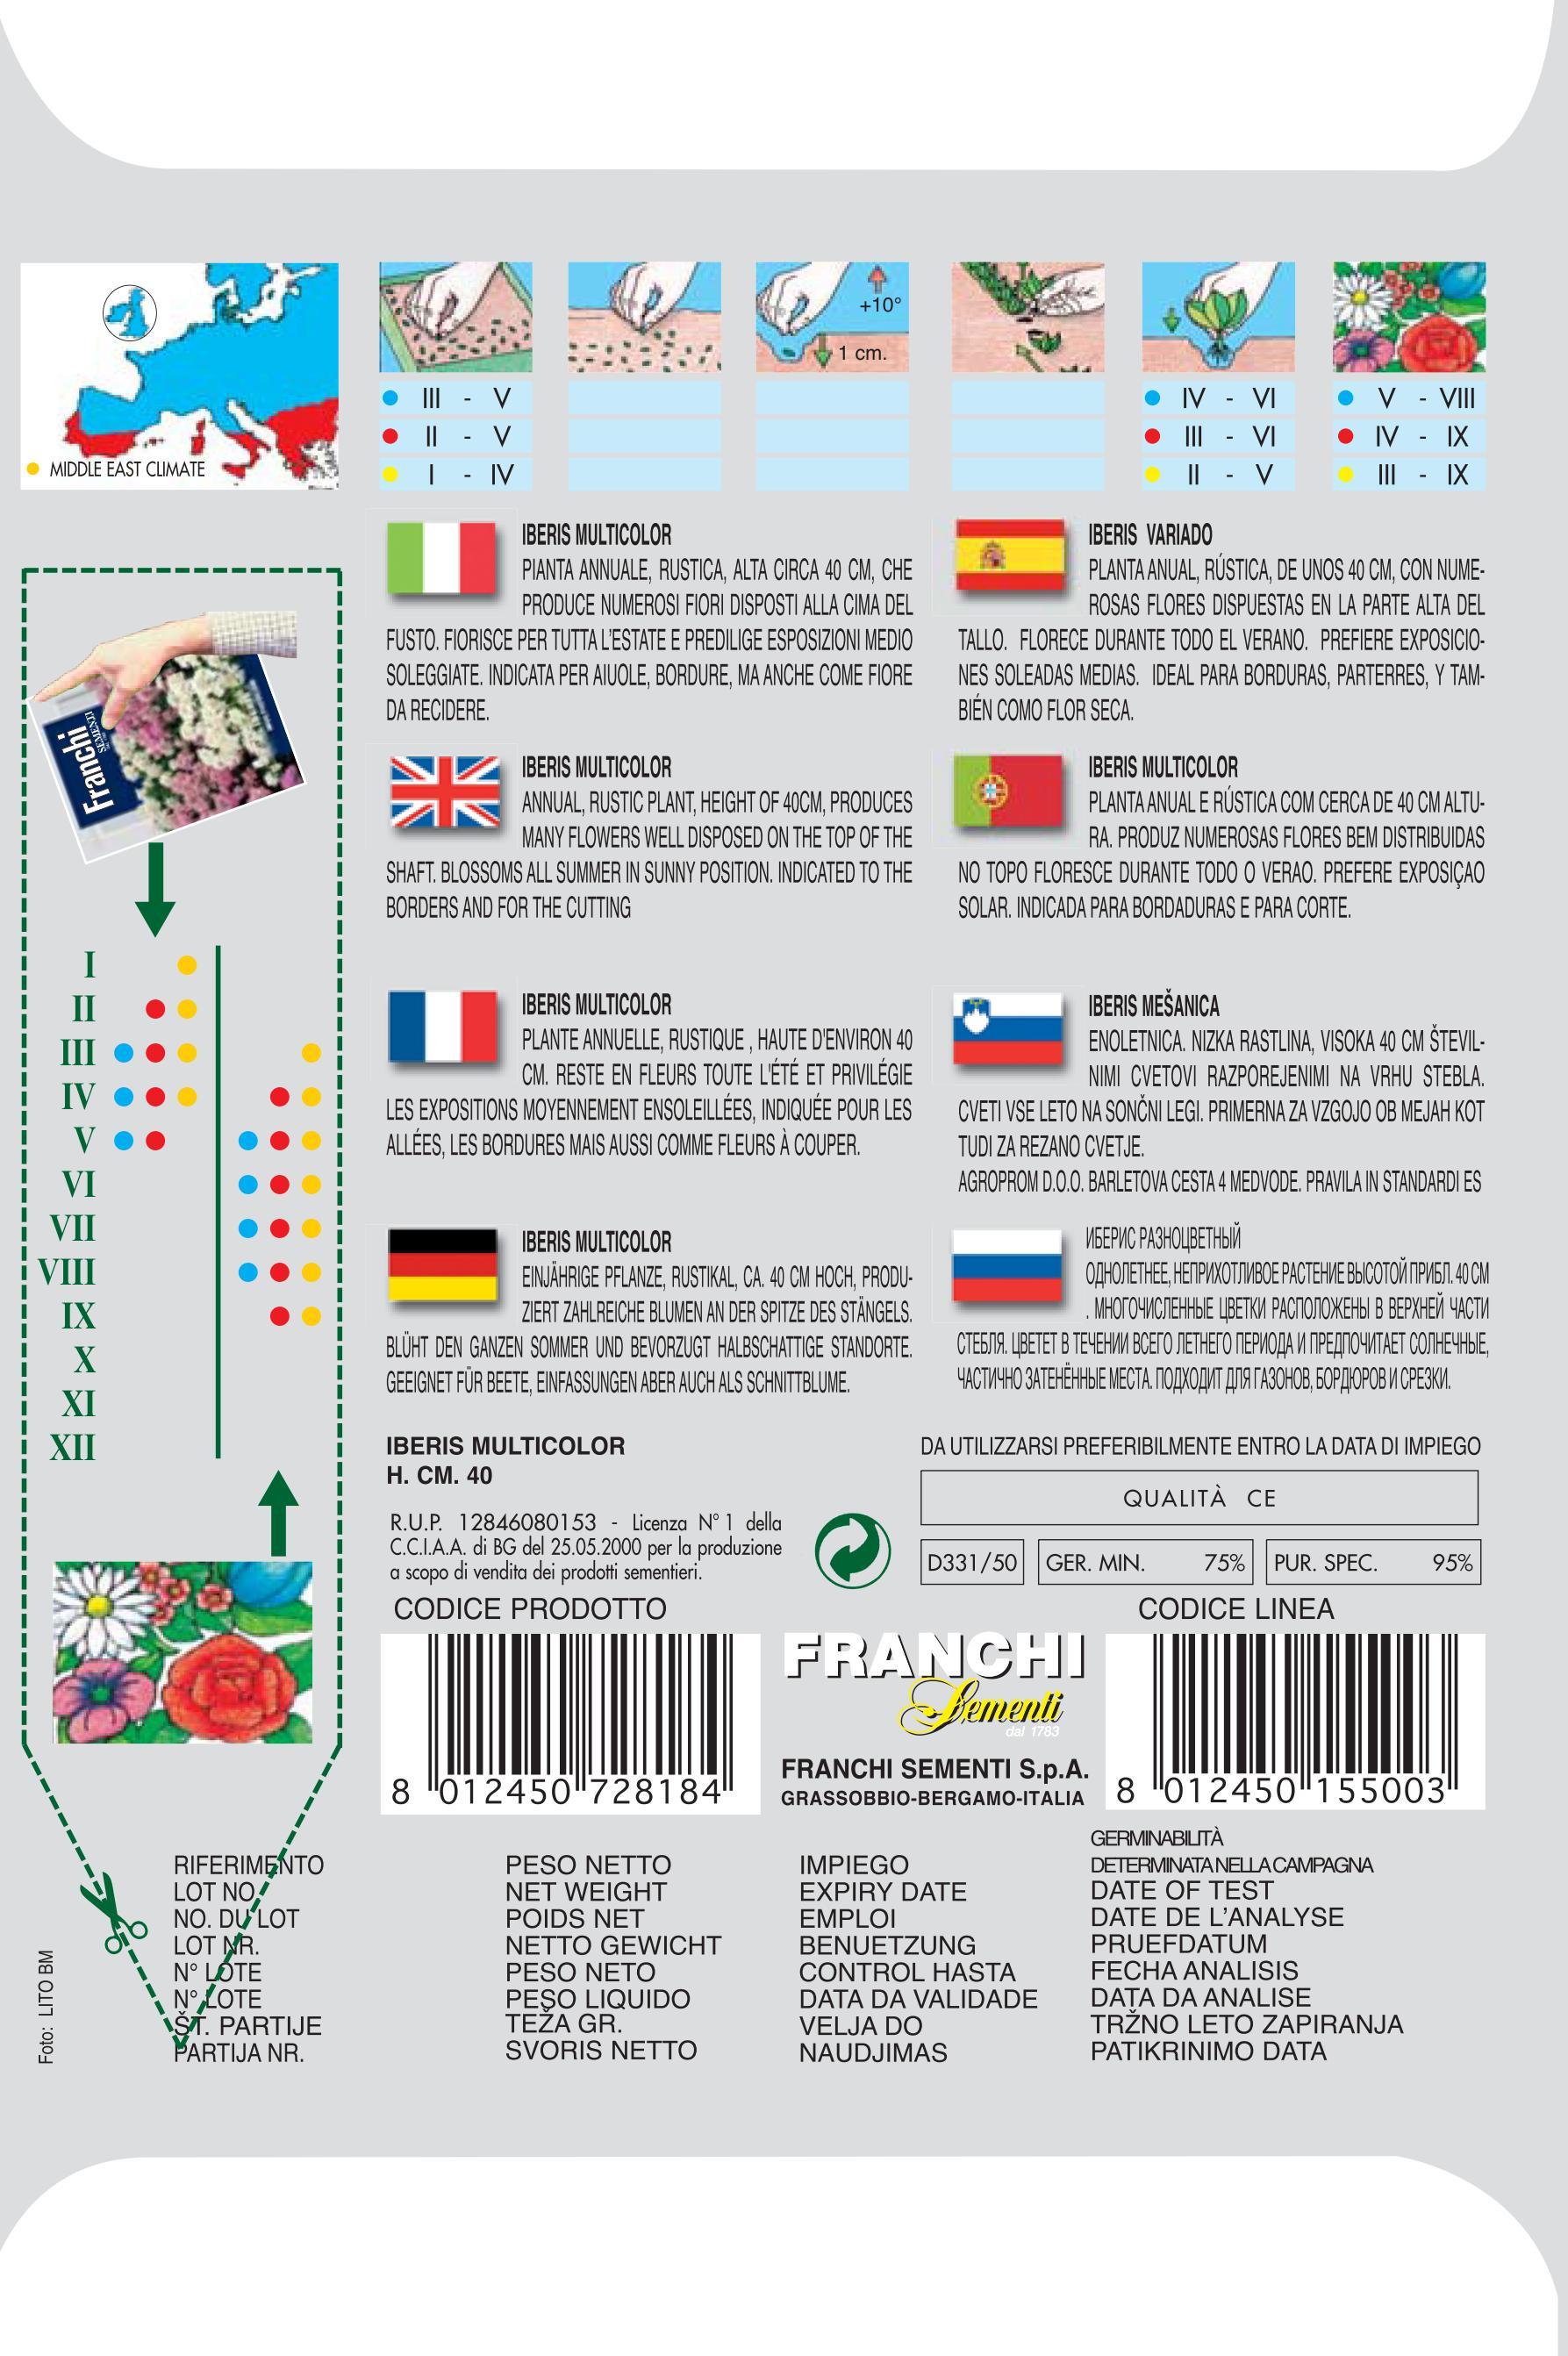 Iberis multicolor